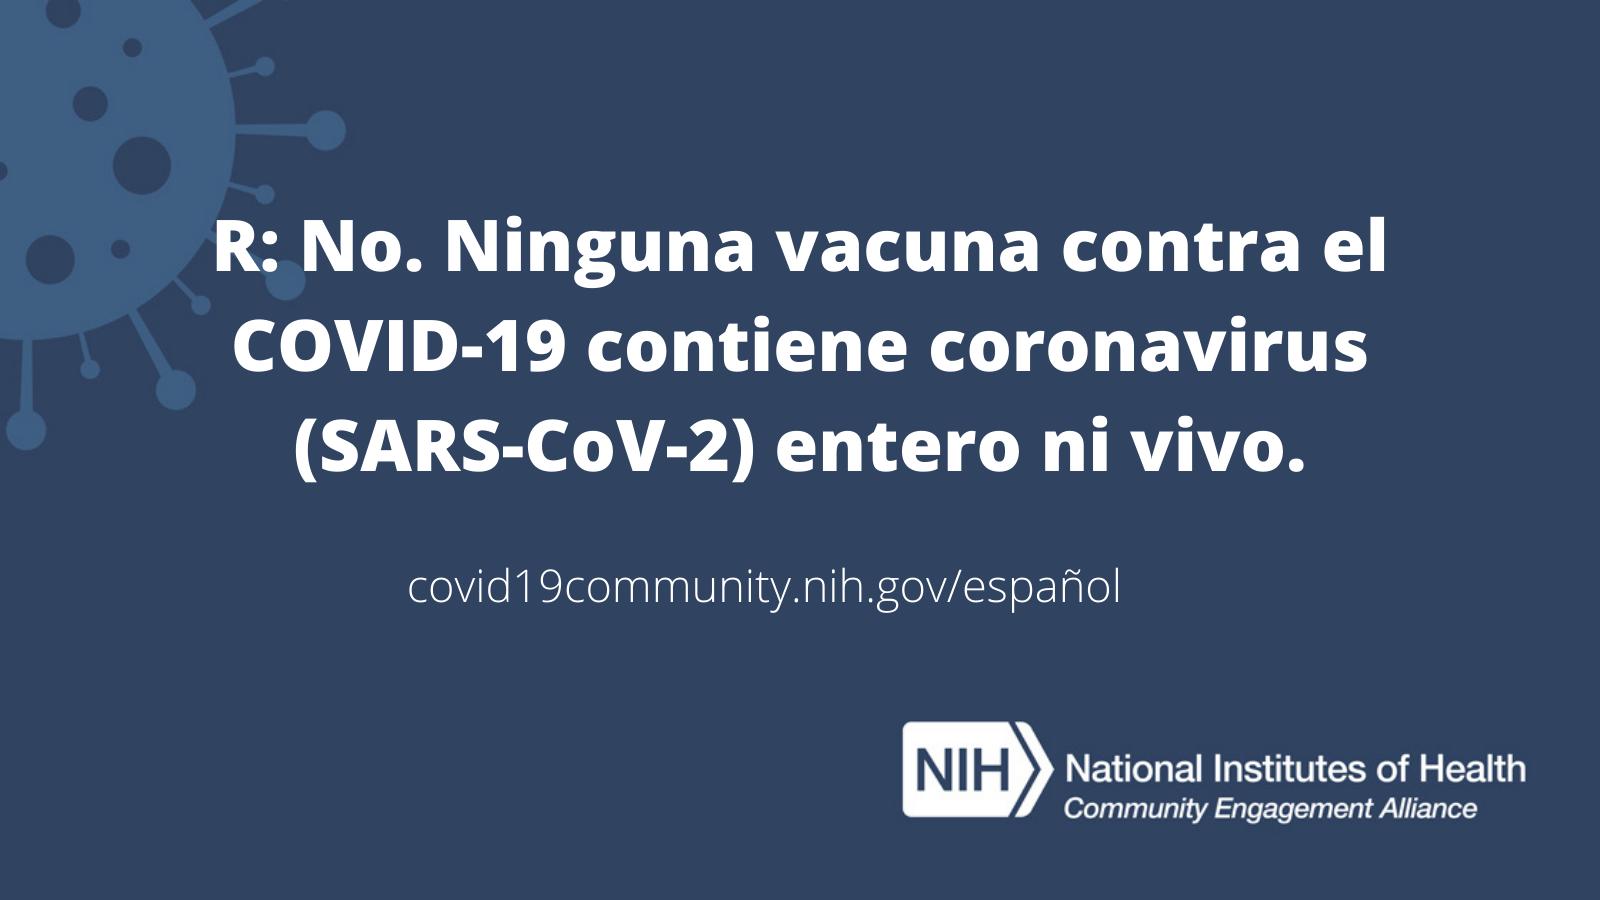 R: No. Ninguna vacuna contra el COVID-19 contiene coronavirus (SARS-CoV-2) entero ni vivo.